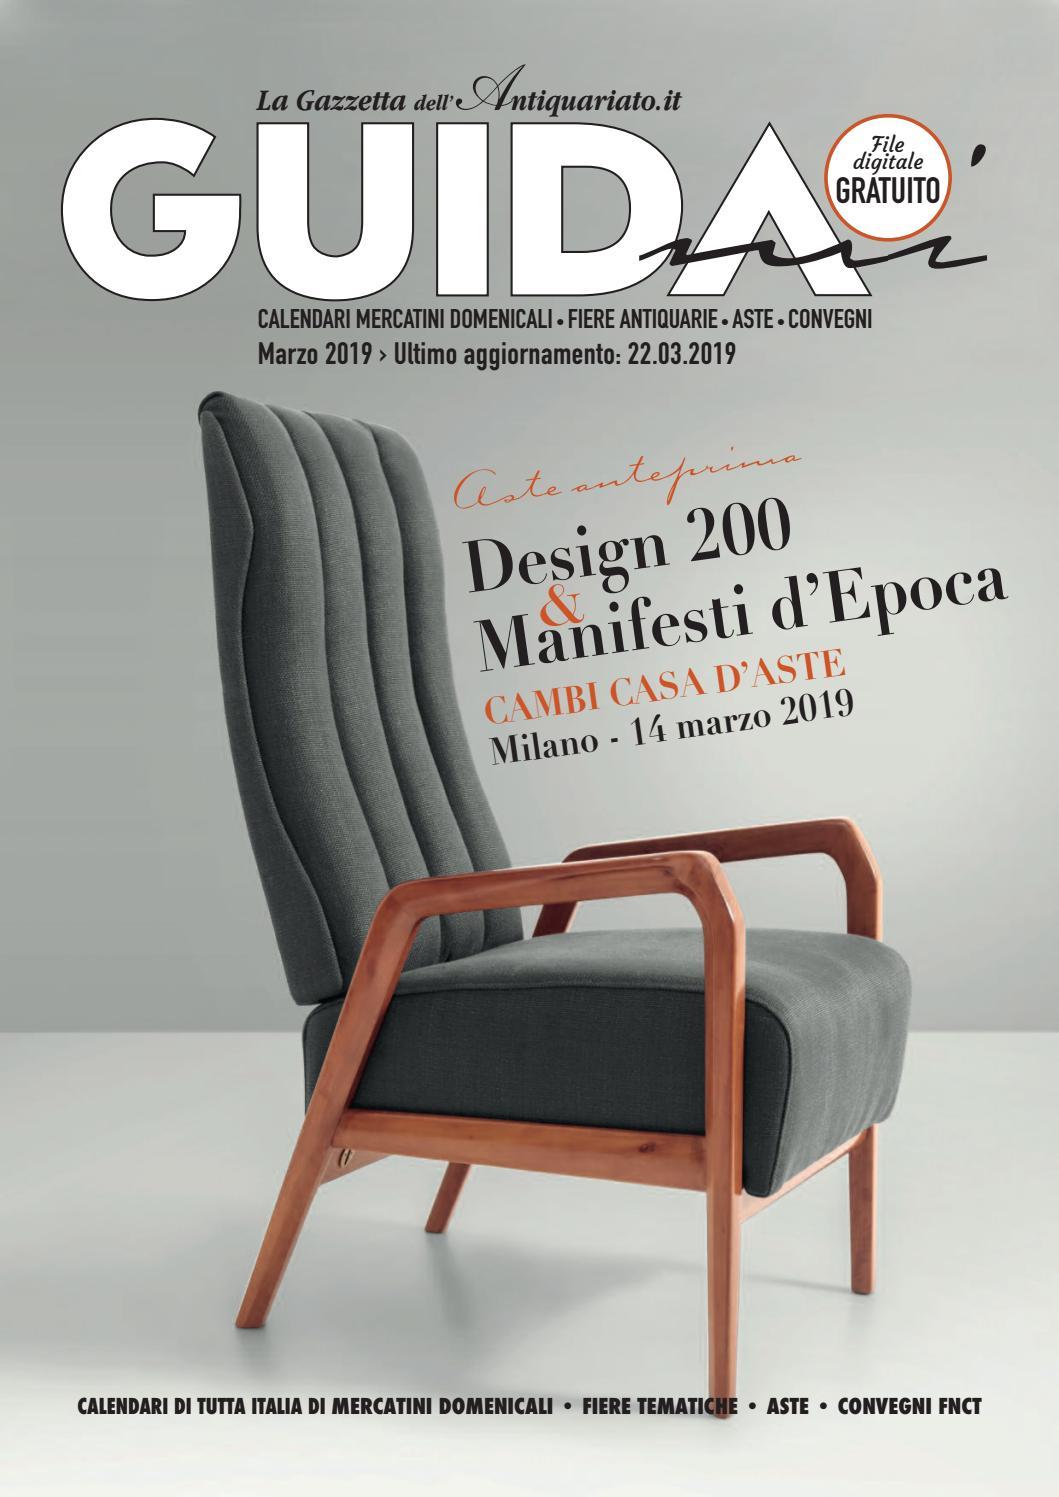 GUIDAMI (aggiornamento) 22 Marzo 2019 by La Gazzetta dell